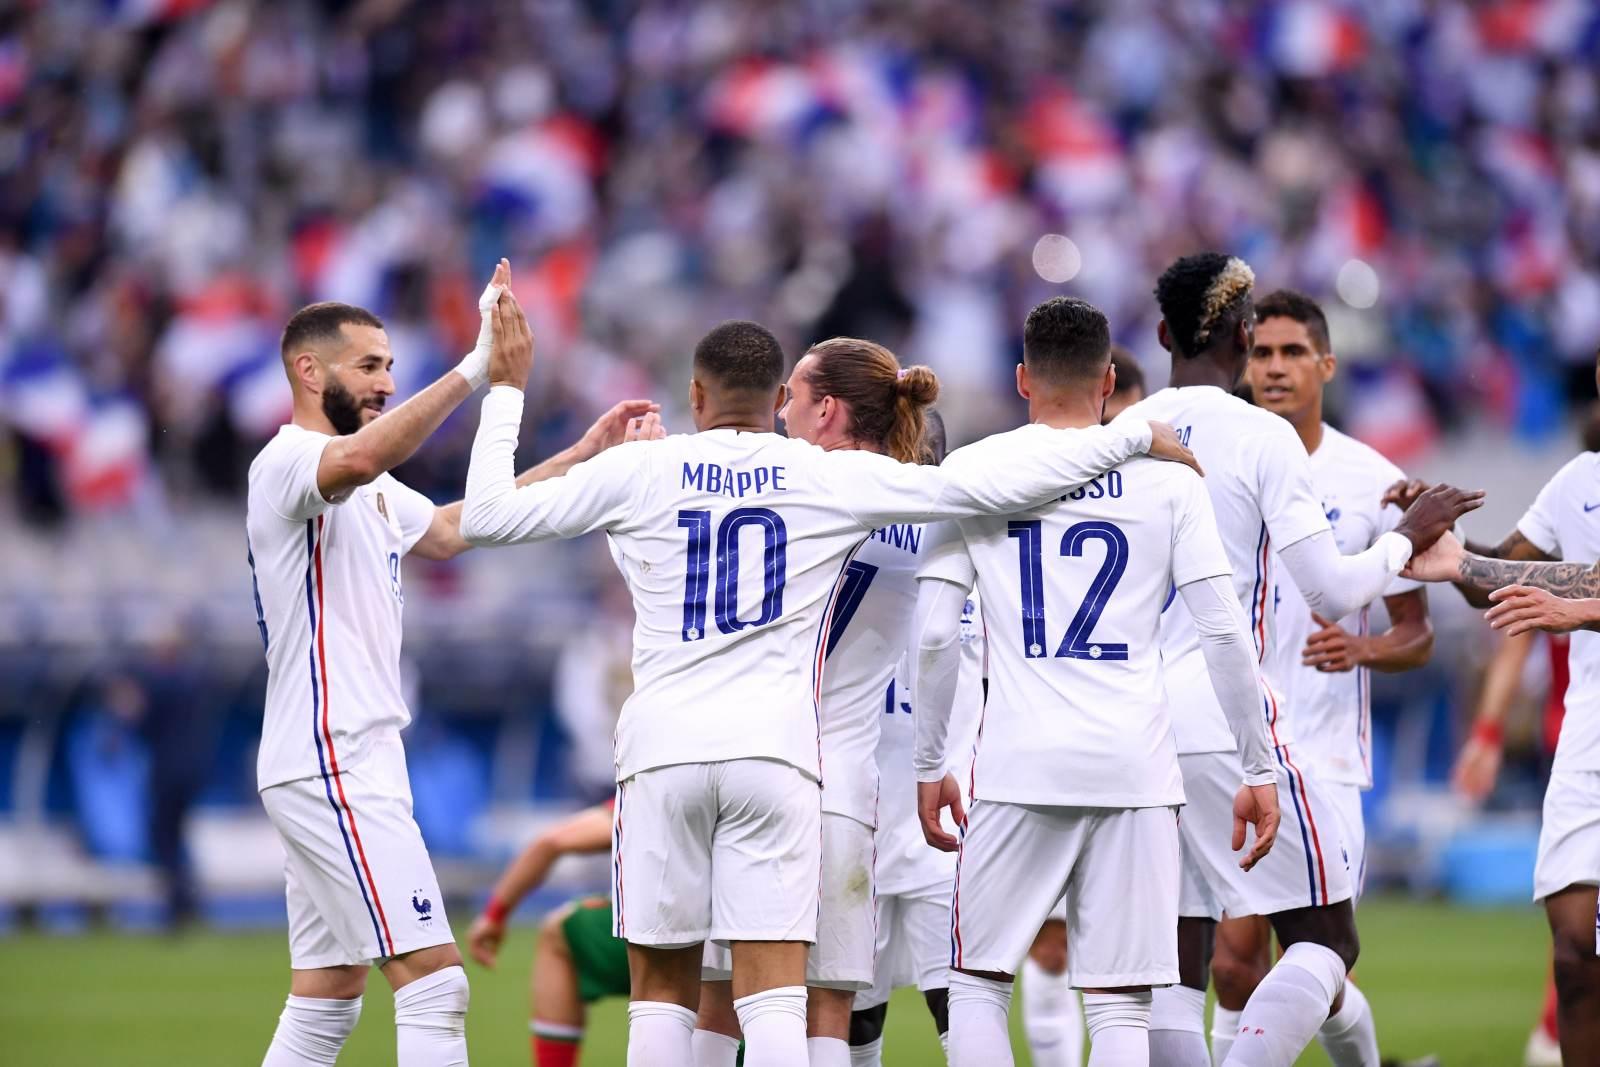 Как сборная Франции вырвала победу в финале Лиги наций - видео